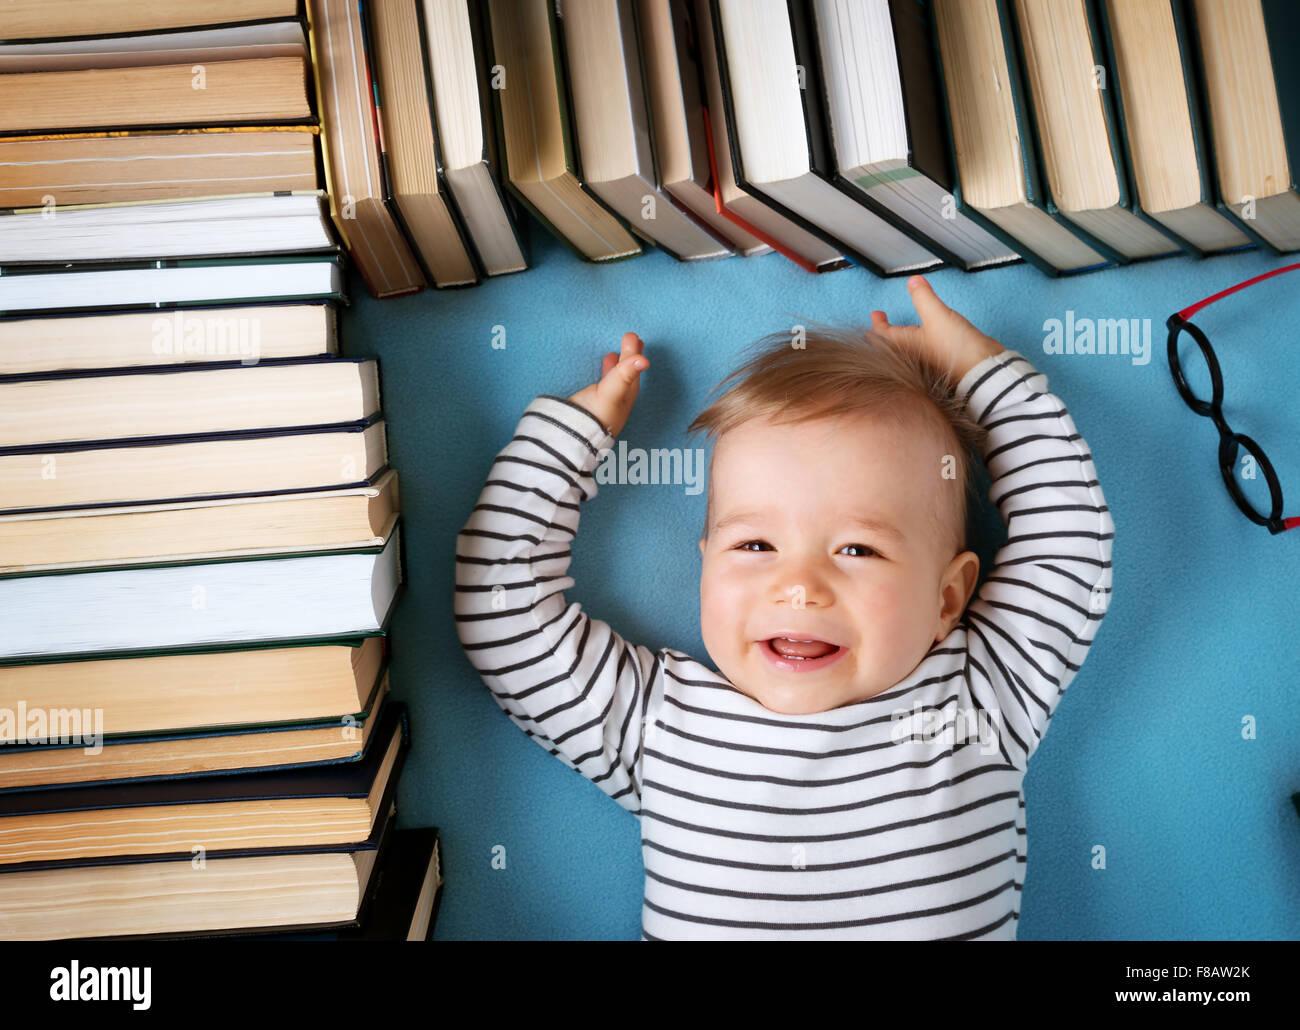 1 Jahr altes Baby mit Spectackles und Bücher Stockbild